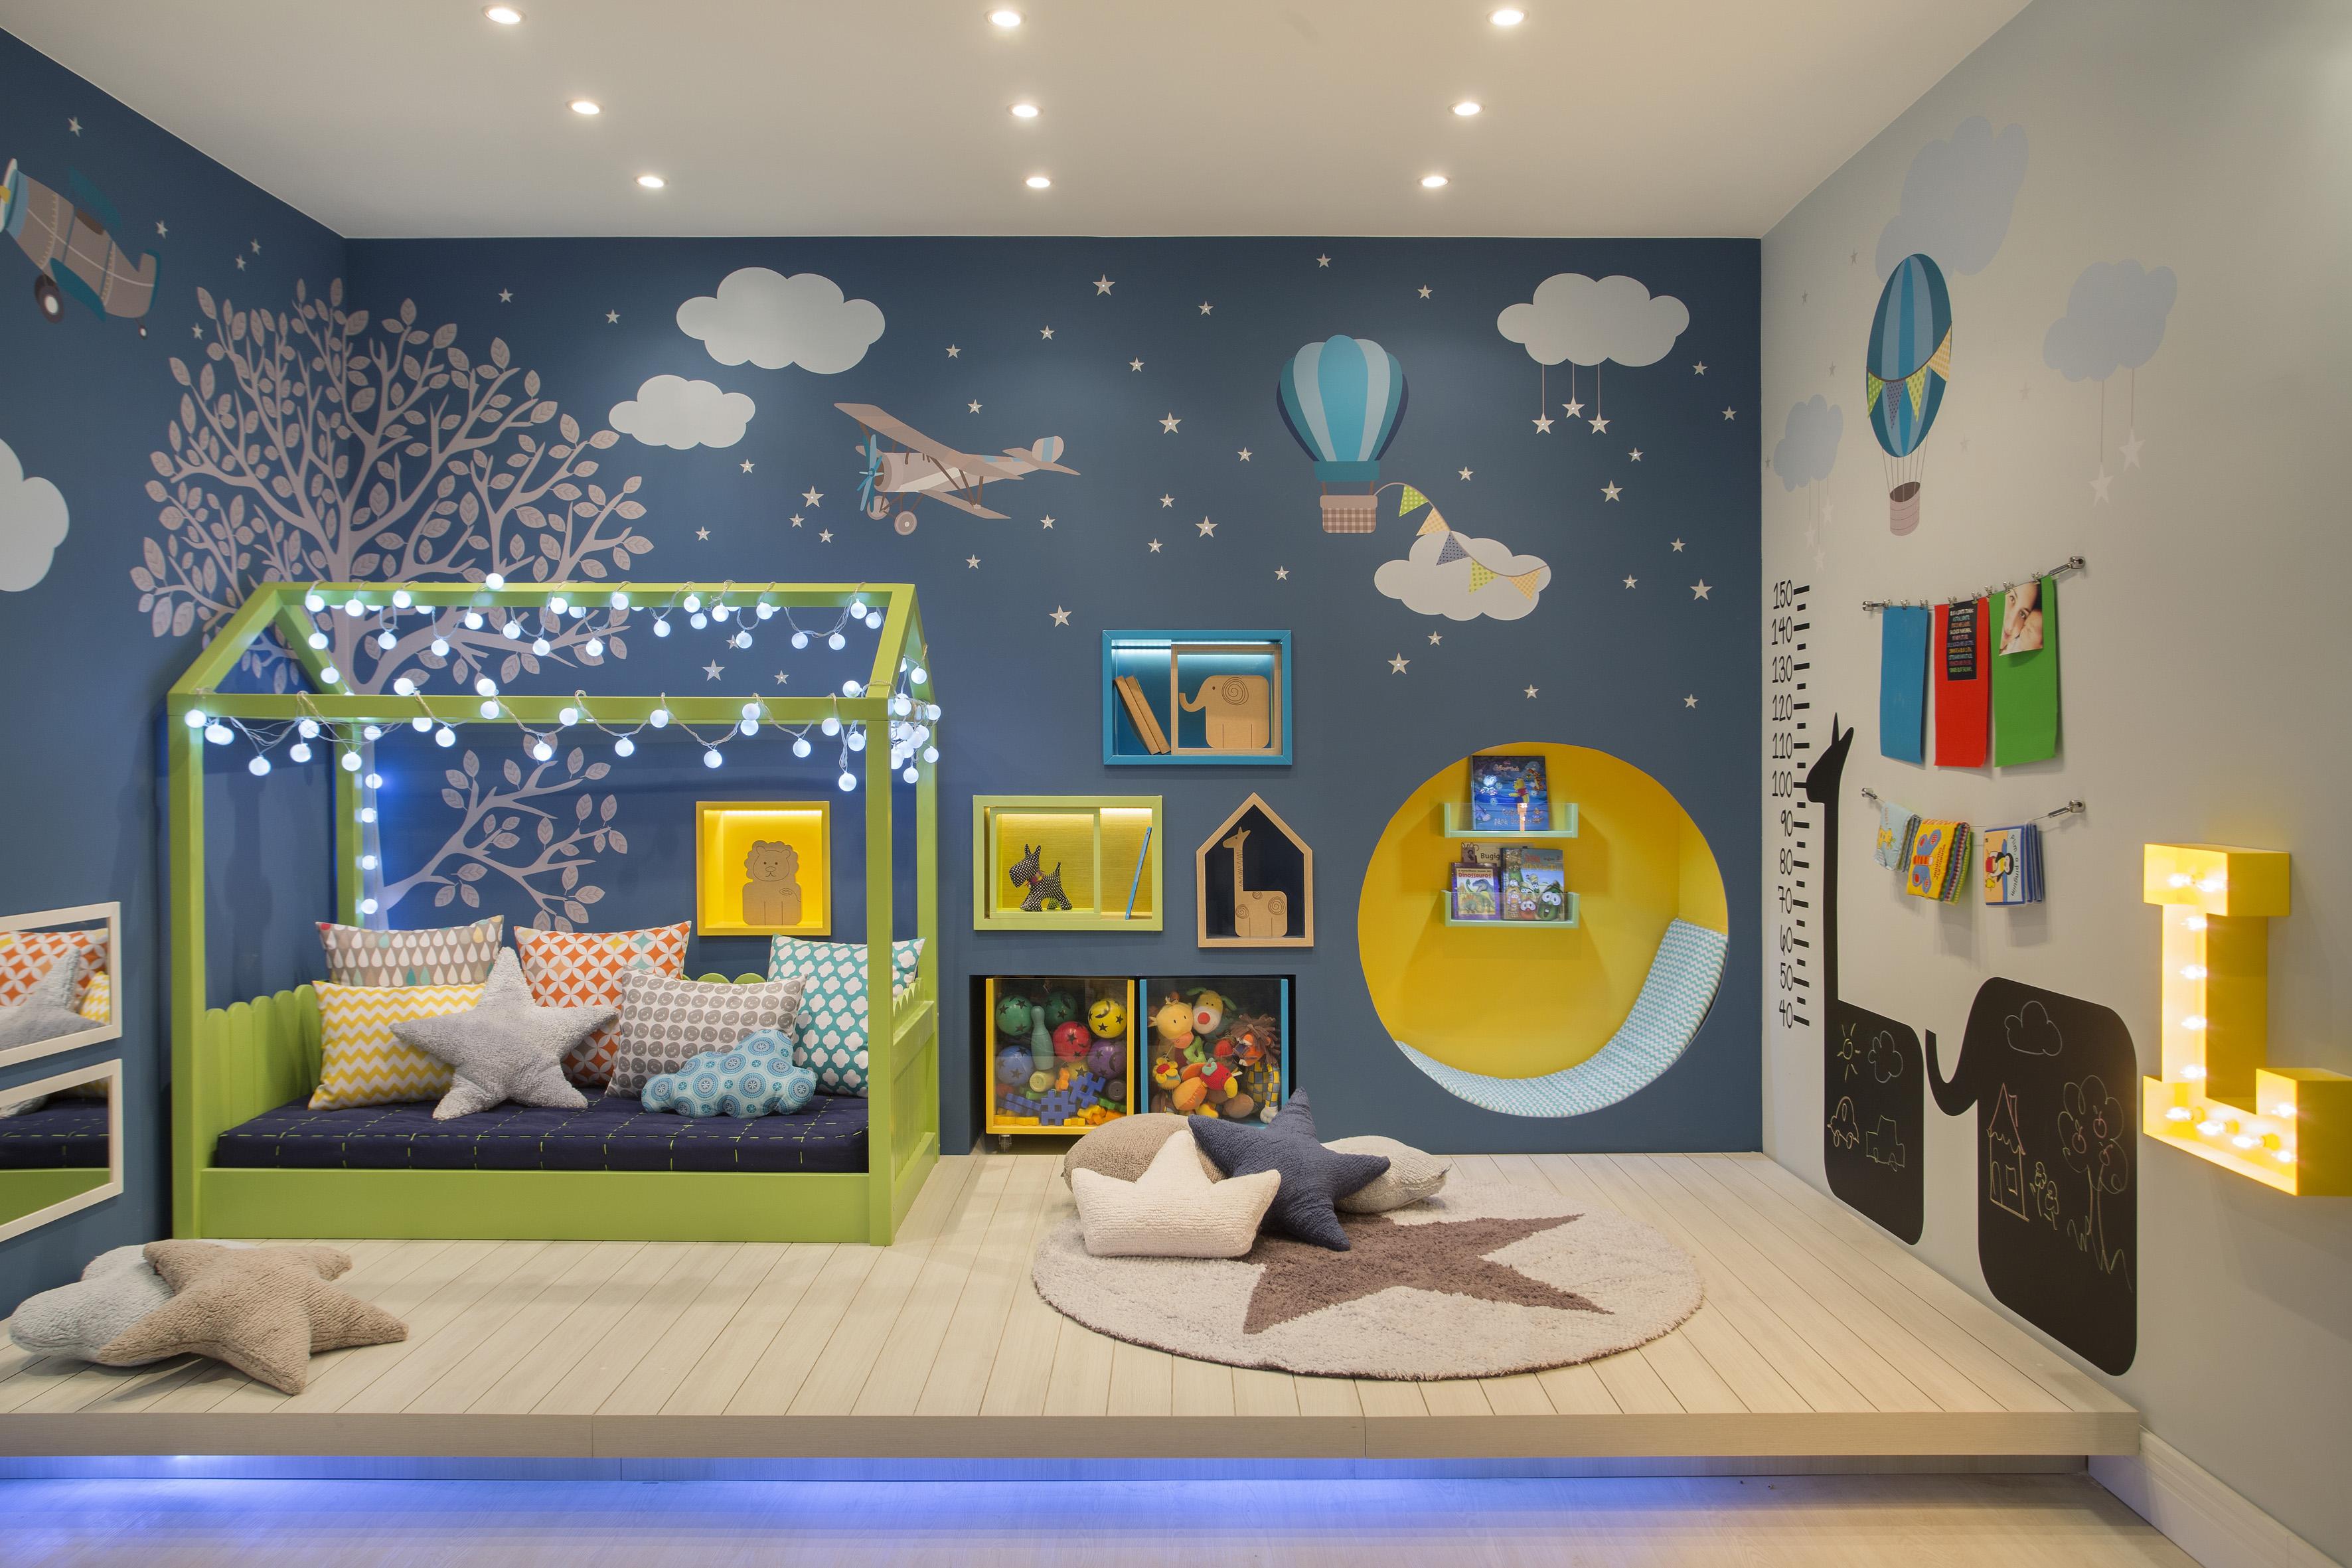 Inspira O Projeto De Quarto Montessoriano L Dico Mais De 900  ~ Quarto Montessoriano Projeto E Quarto De Menino Amarelo